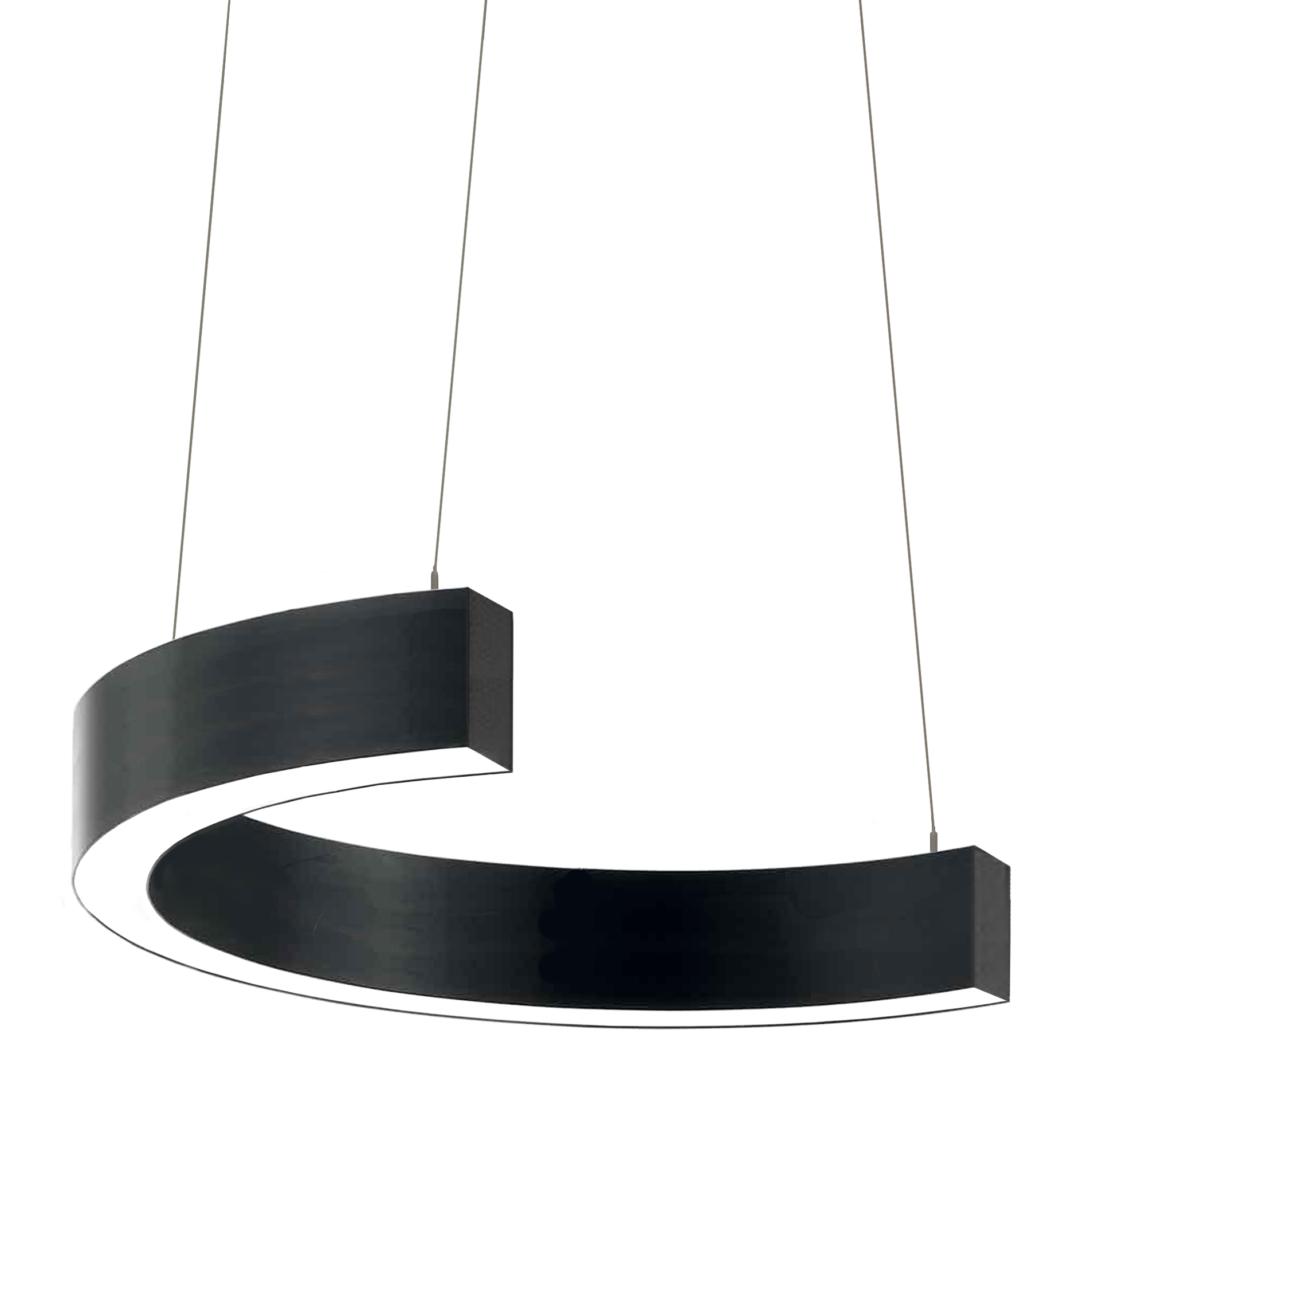 Светильник Ring-С 5060-750мм. 4000К/3000К. 17W/36W купить во Владимире